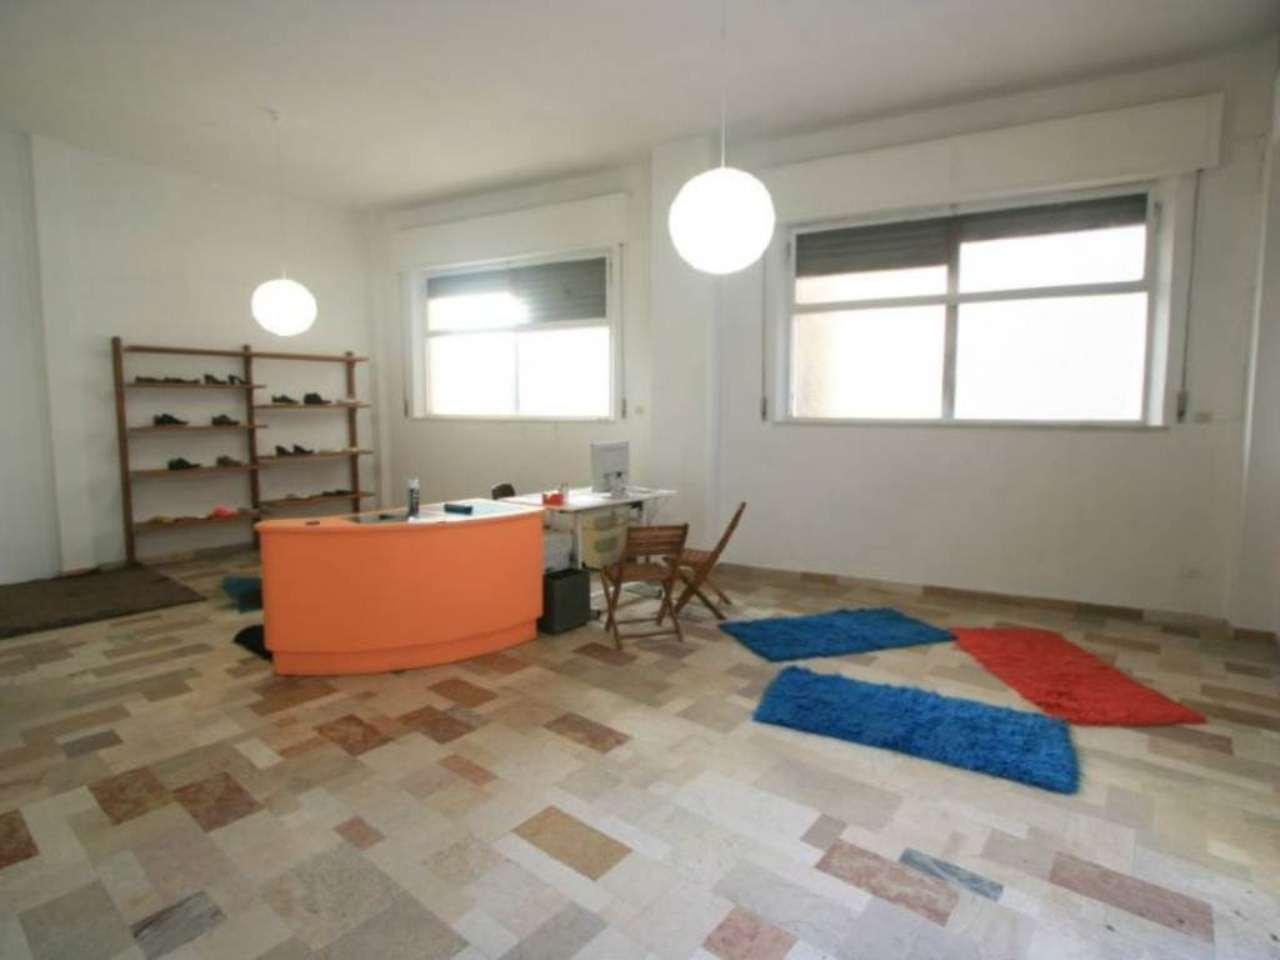 Ufficio / Studio in vendita a Civitanova Marche, 3 locali, prezzo € 180.000 | Cambio Casa.it